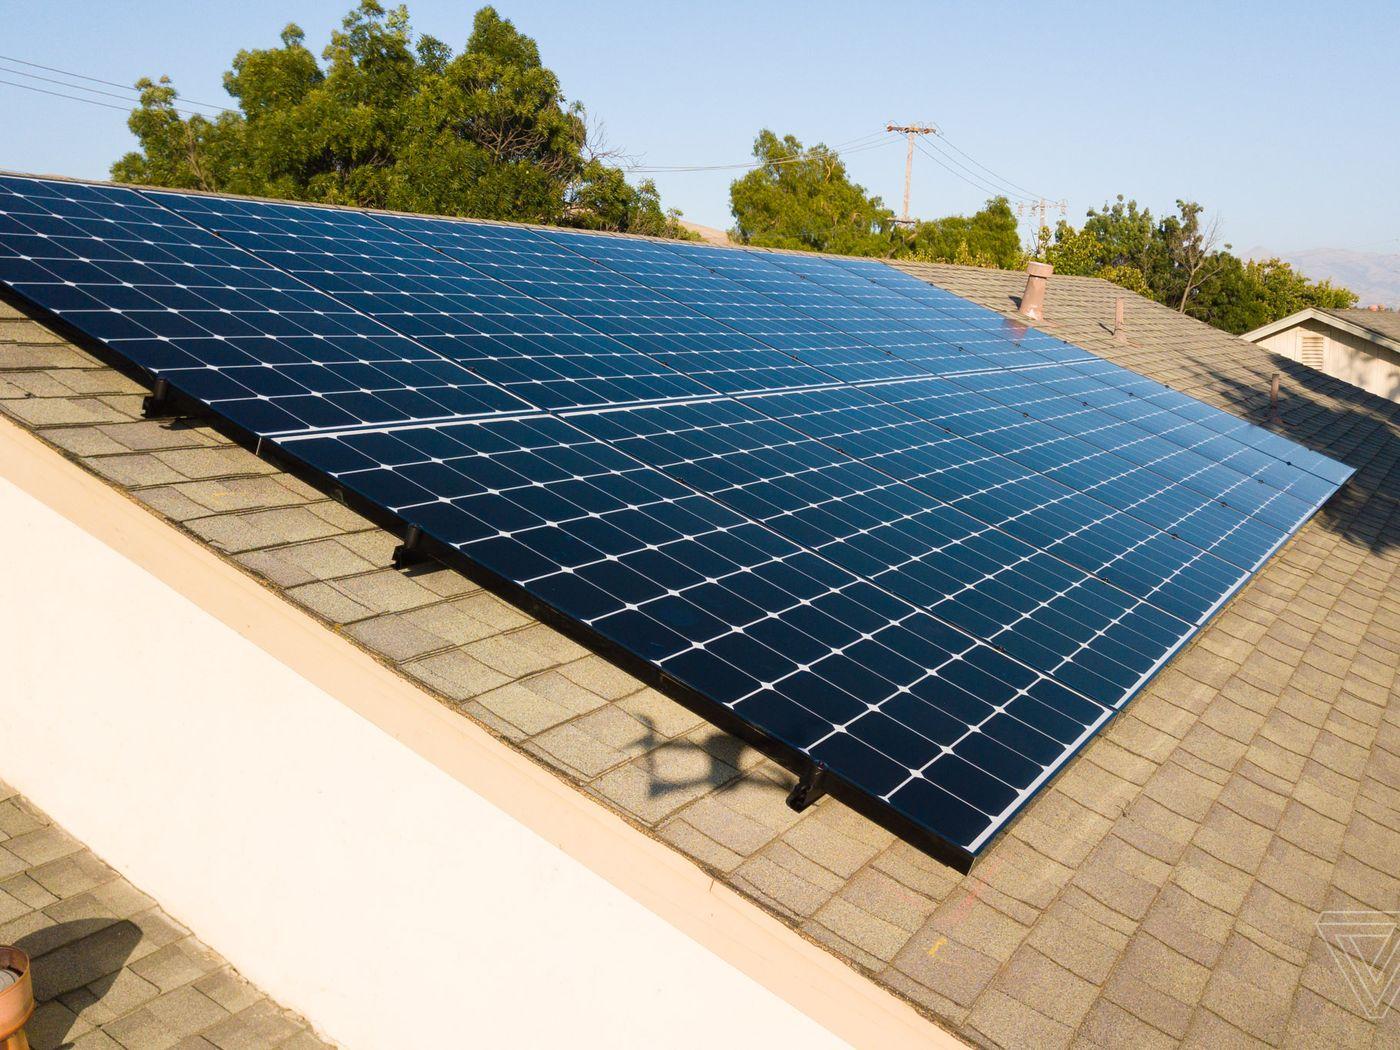 تسلا فناوری پنلهای خورشیدی خود را تغییر داد